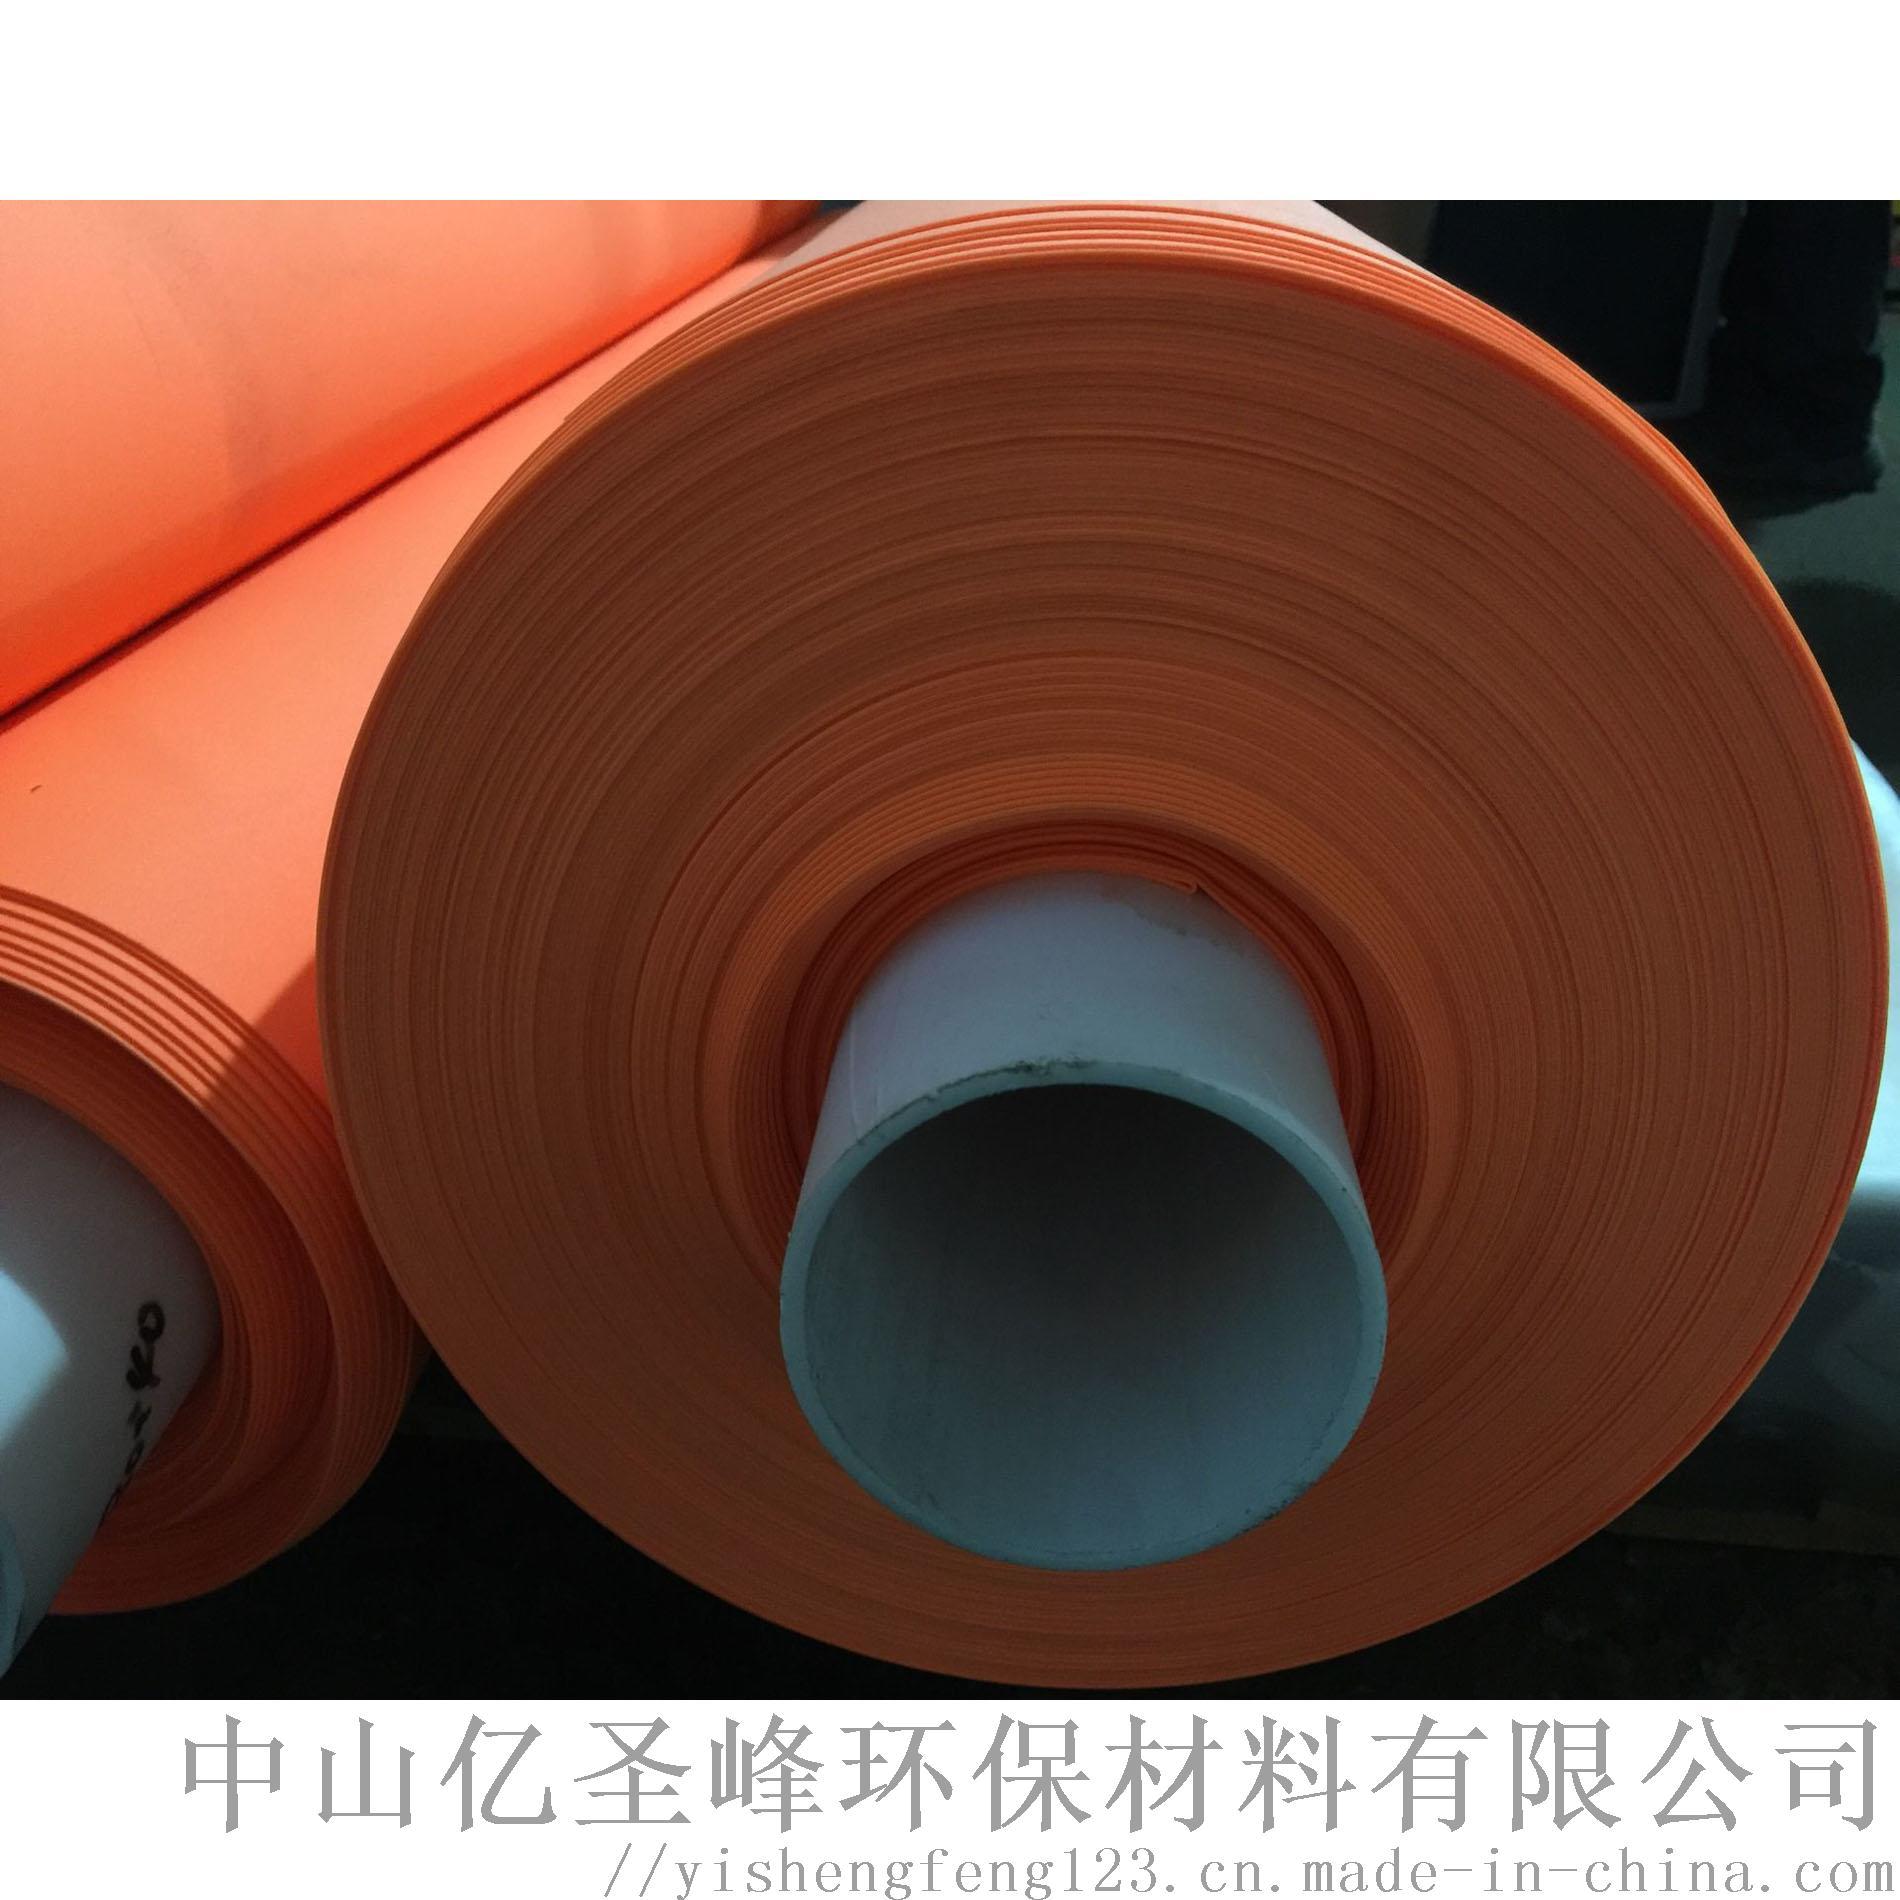 耐磨tpu流延發泡膜商標製作材料117757312